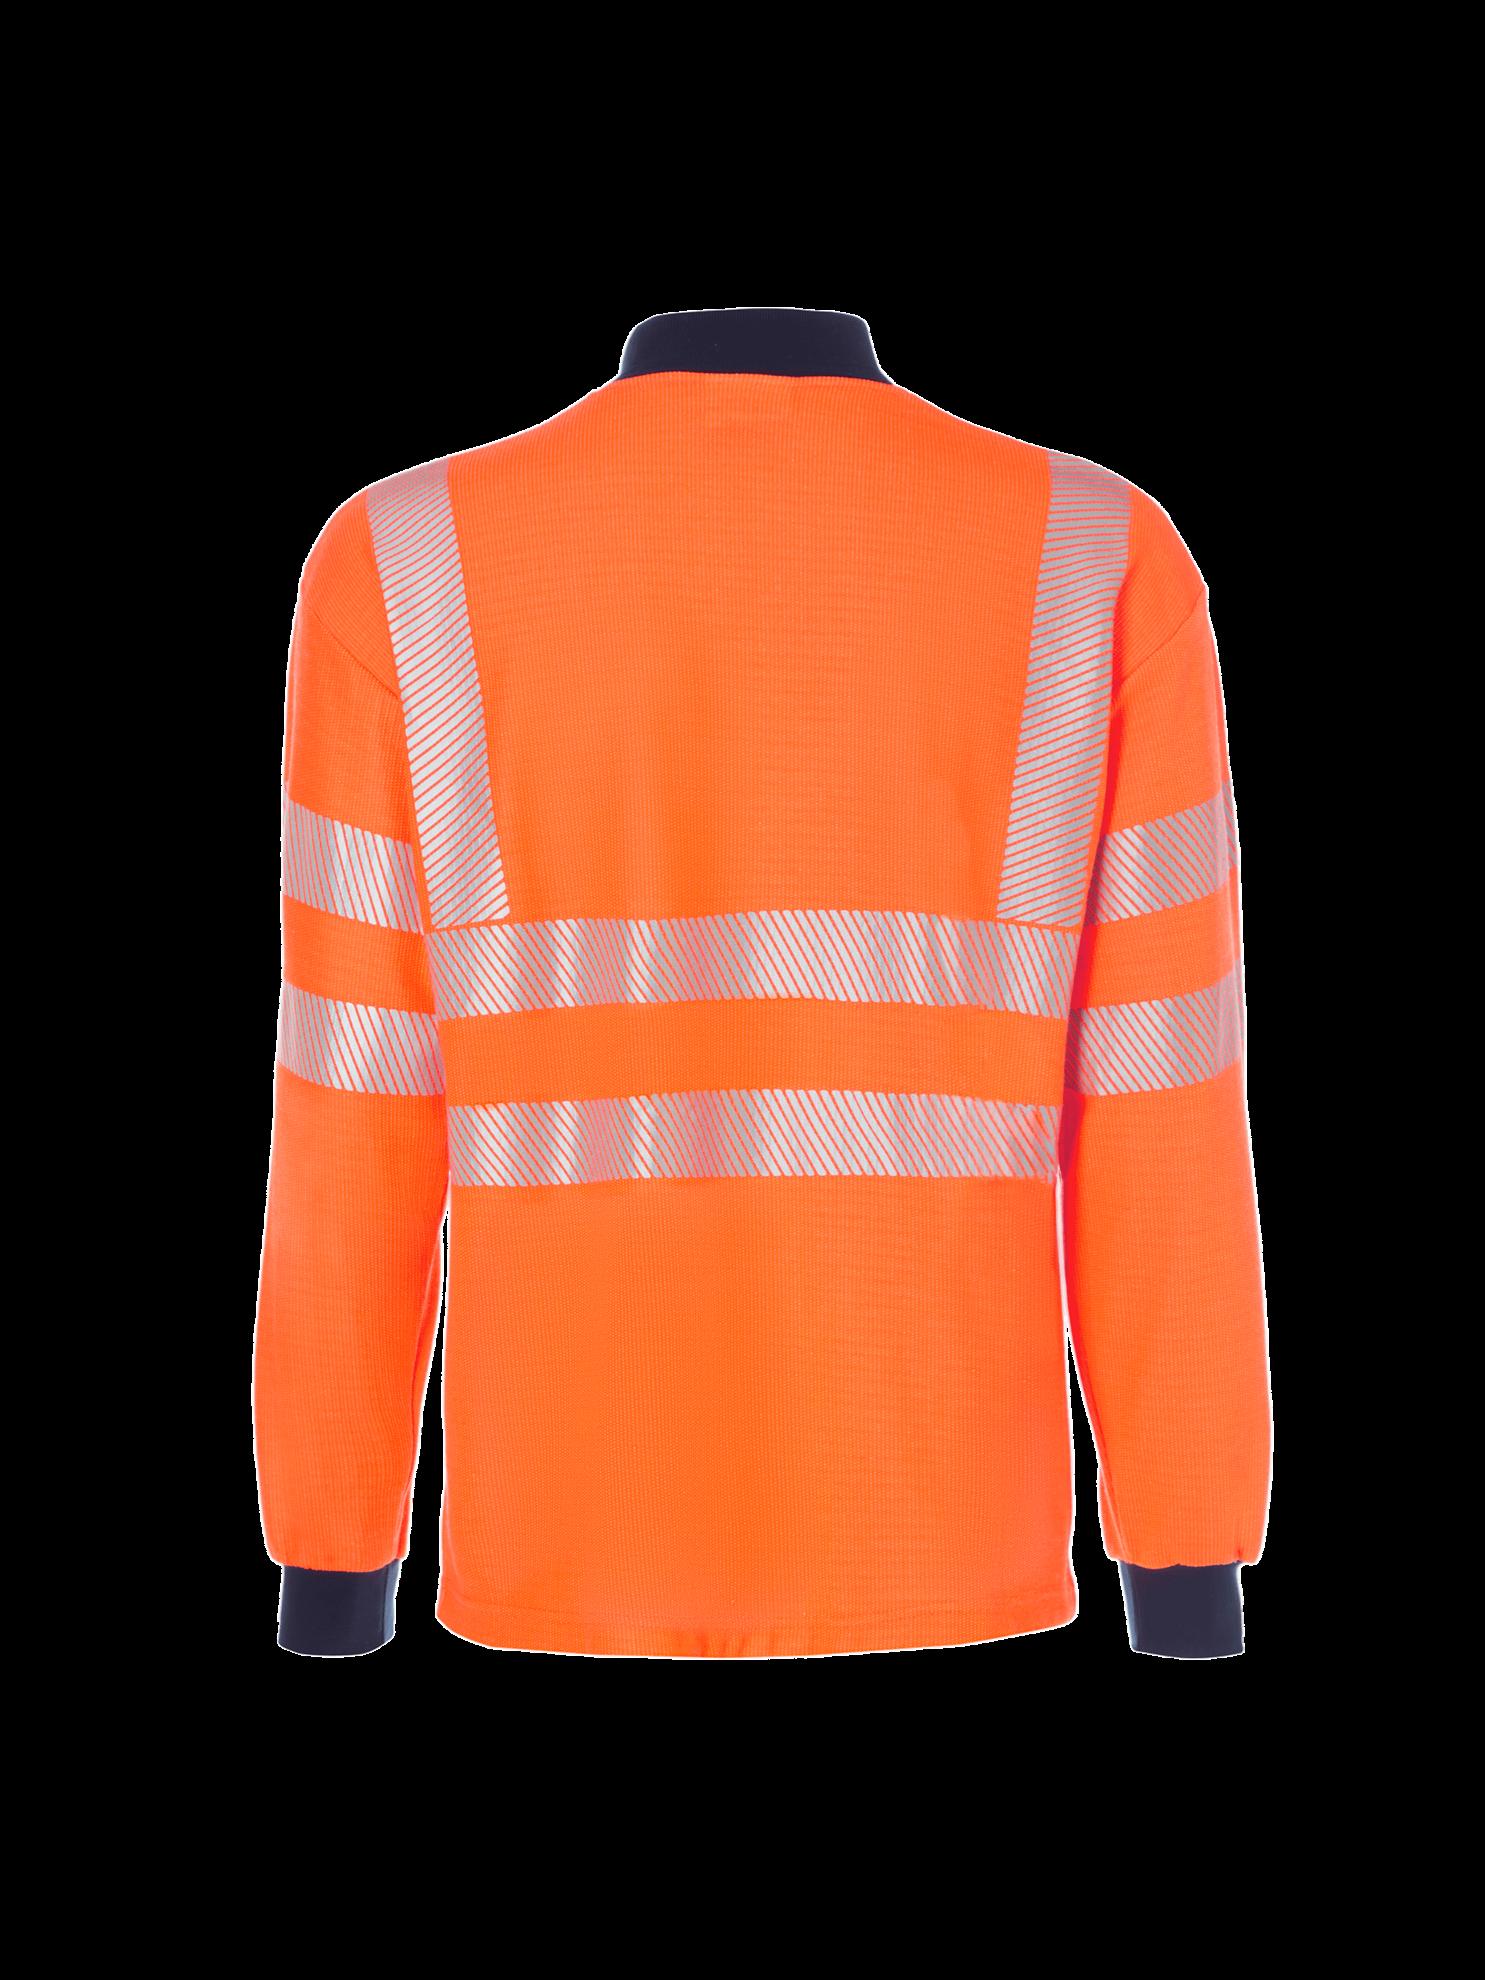 Picture of Hi Vis FR Long Sleeve Polo Shirt - Hi Vis Orange